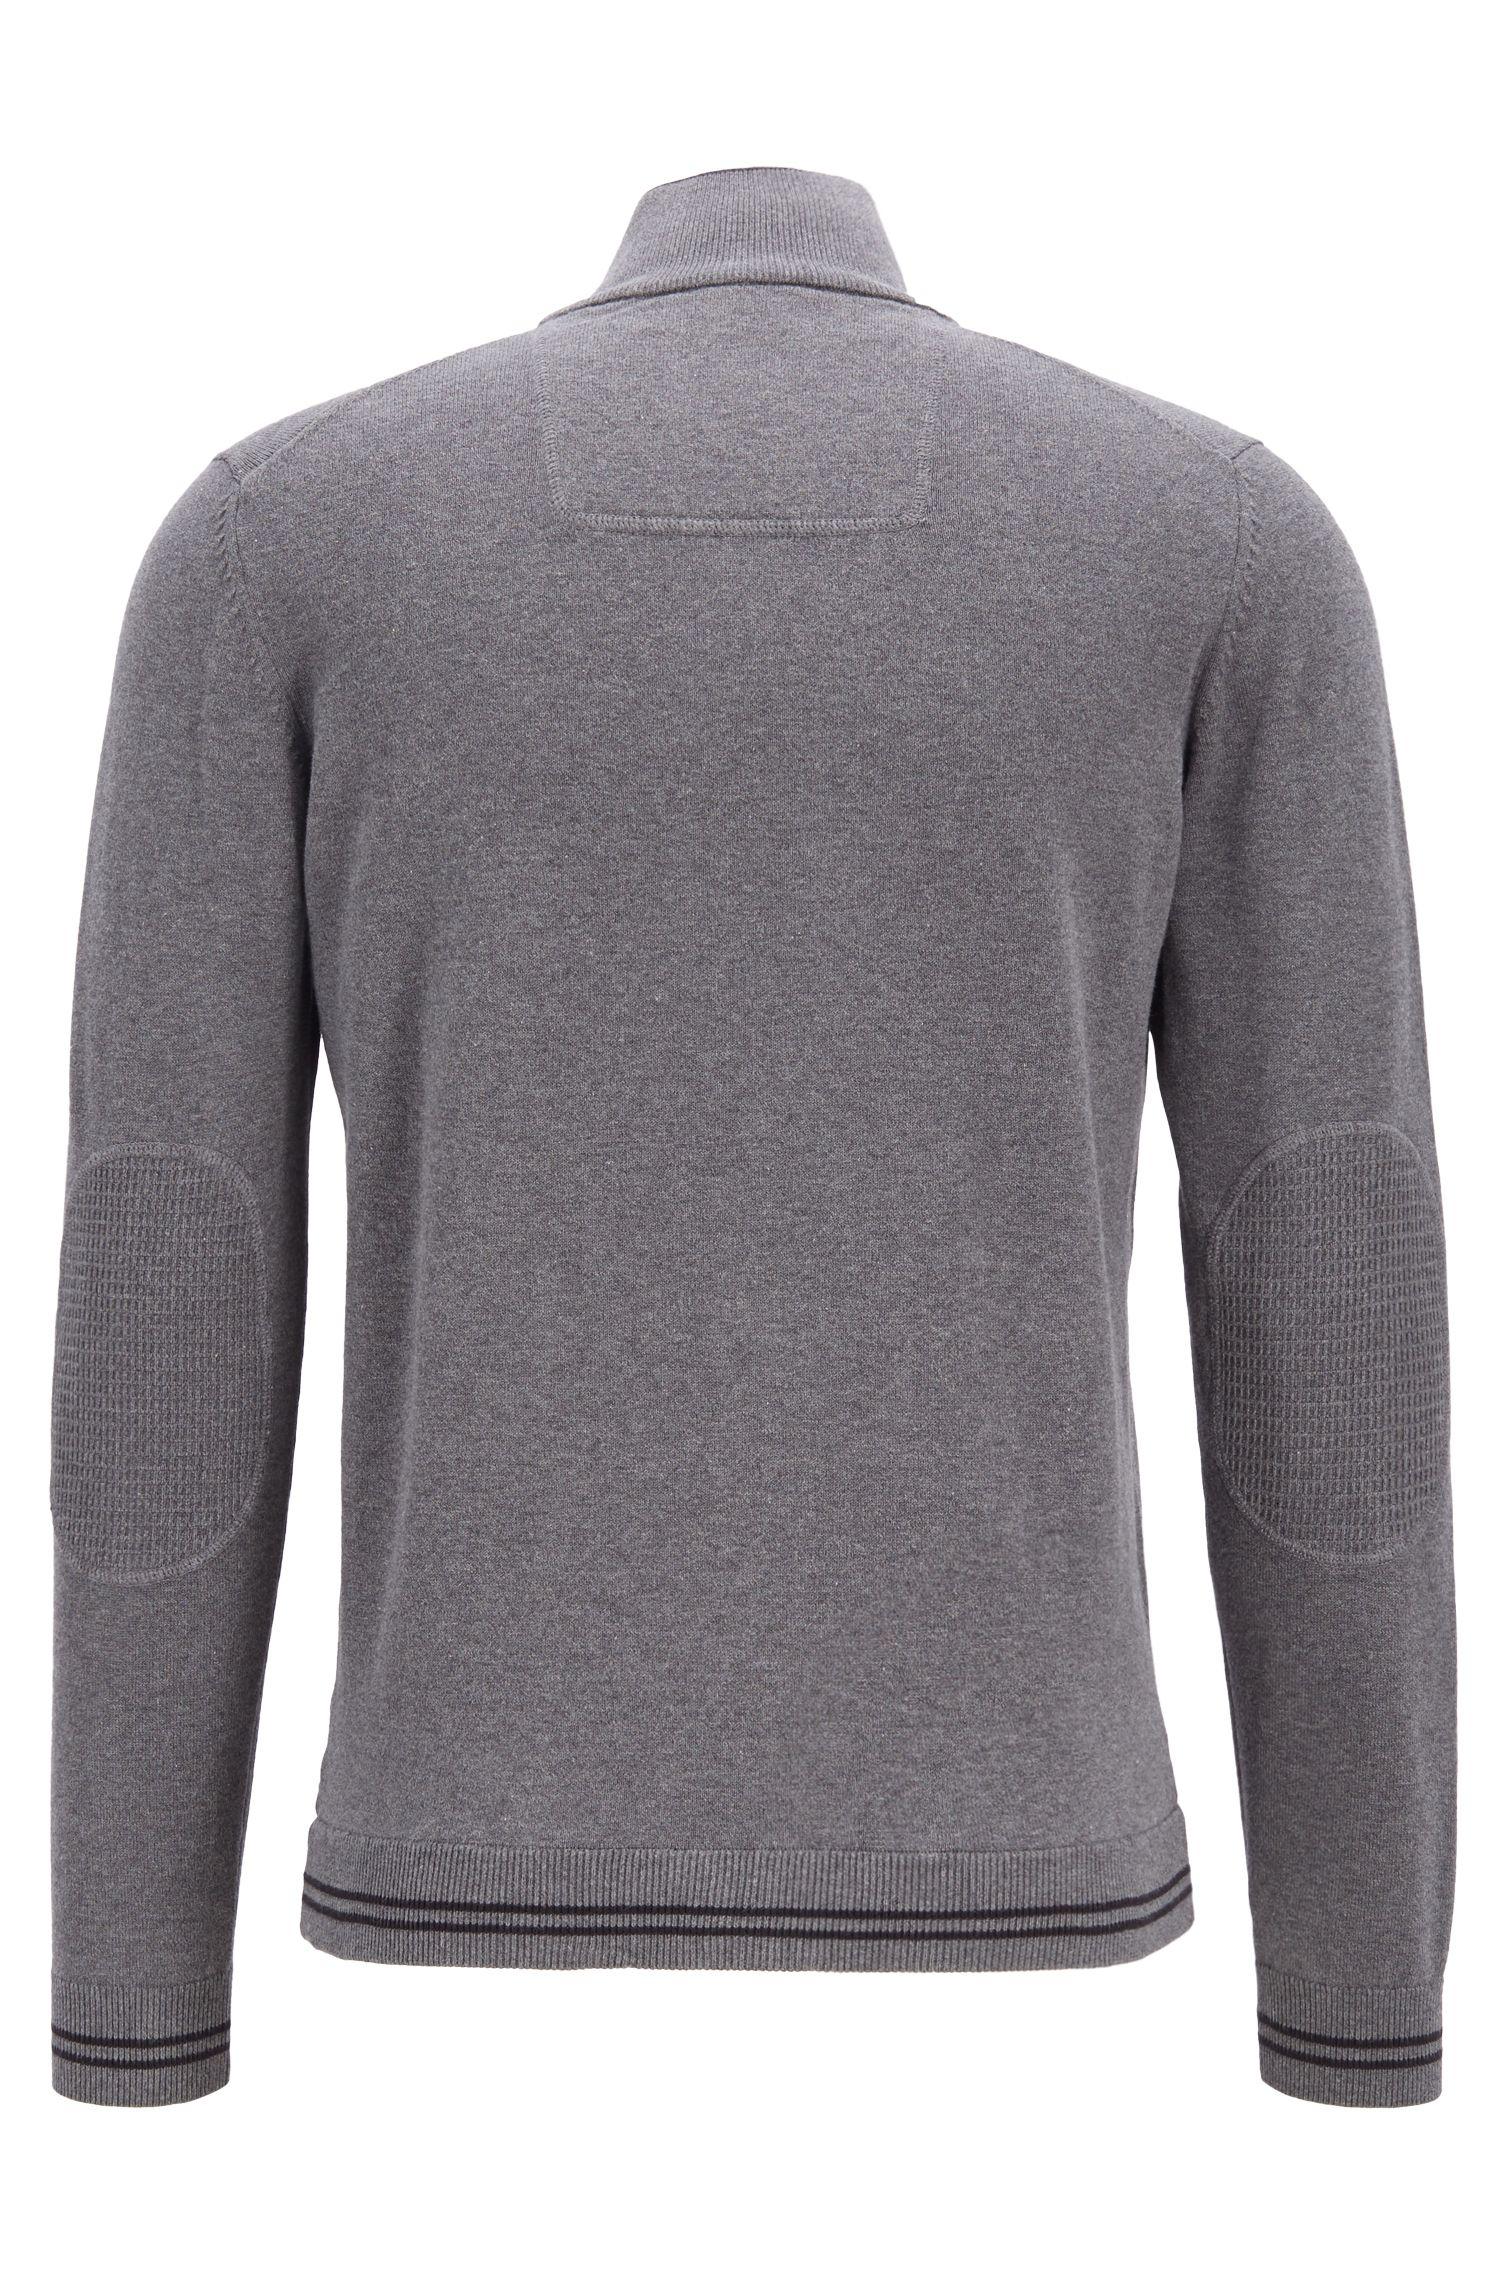 Cardigan con zip integrale, profili a contrasto e dettagli strutturati, Grigio